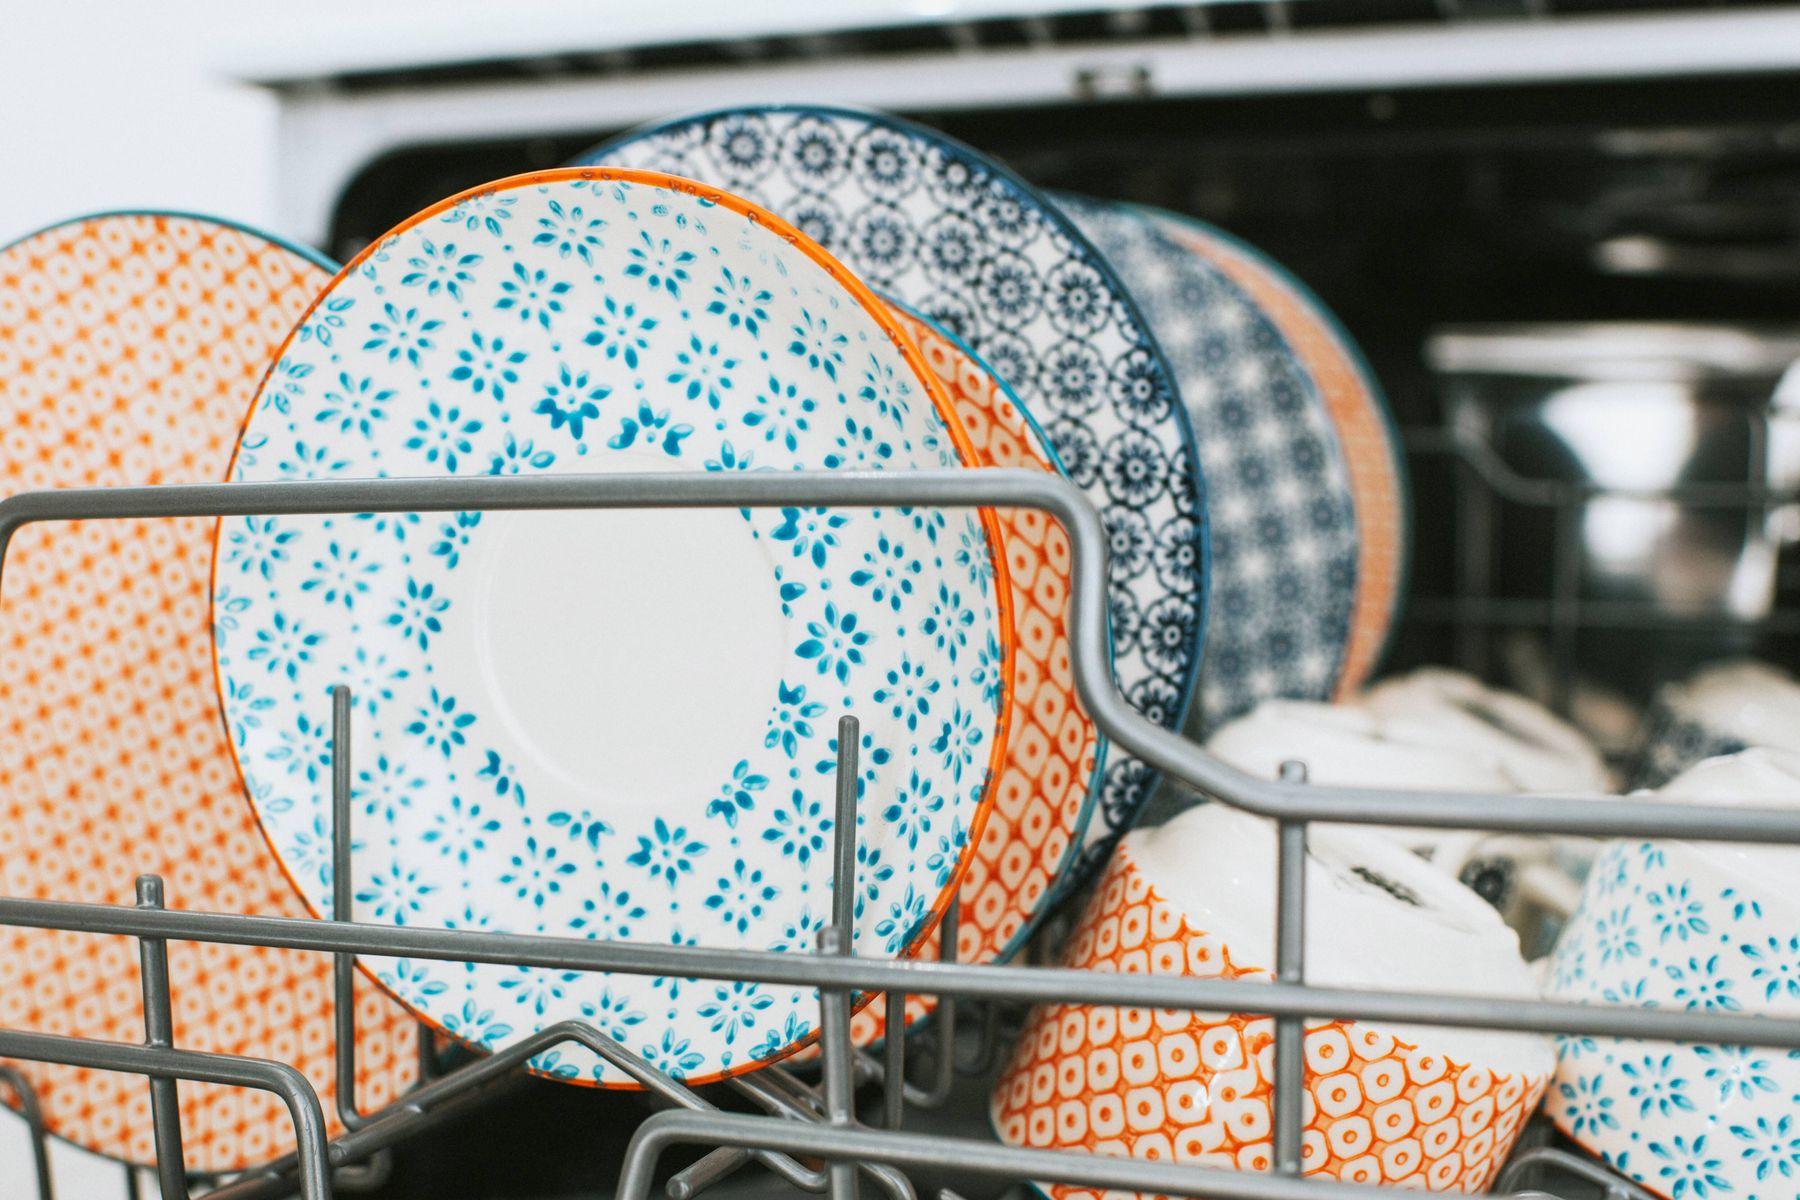 Bulaşık Makinem Neden Temiz Yıkamıyor?